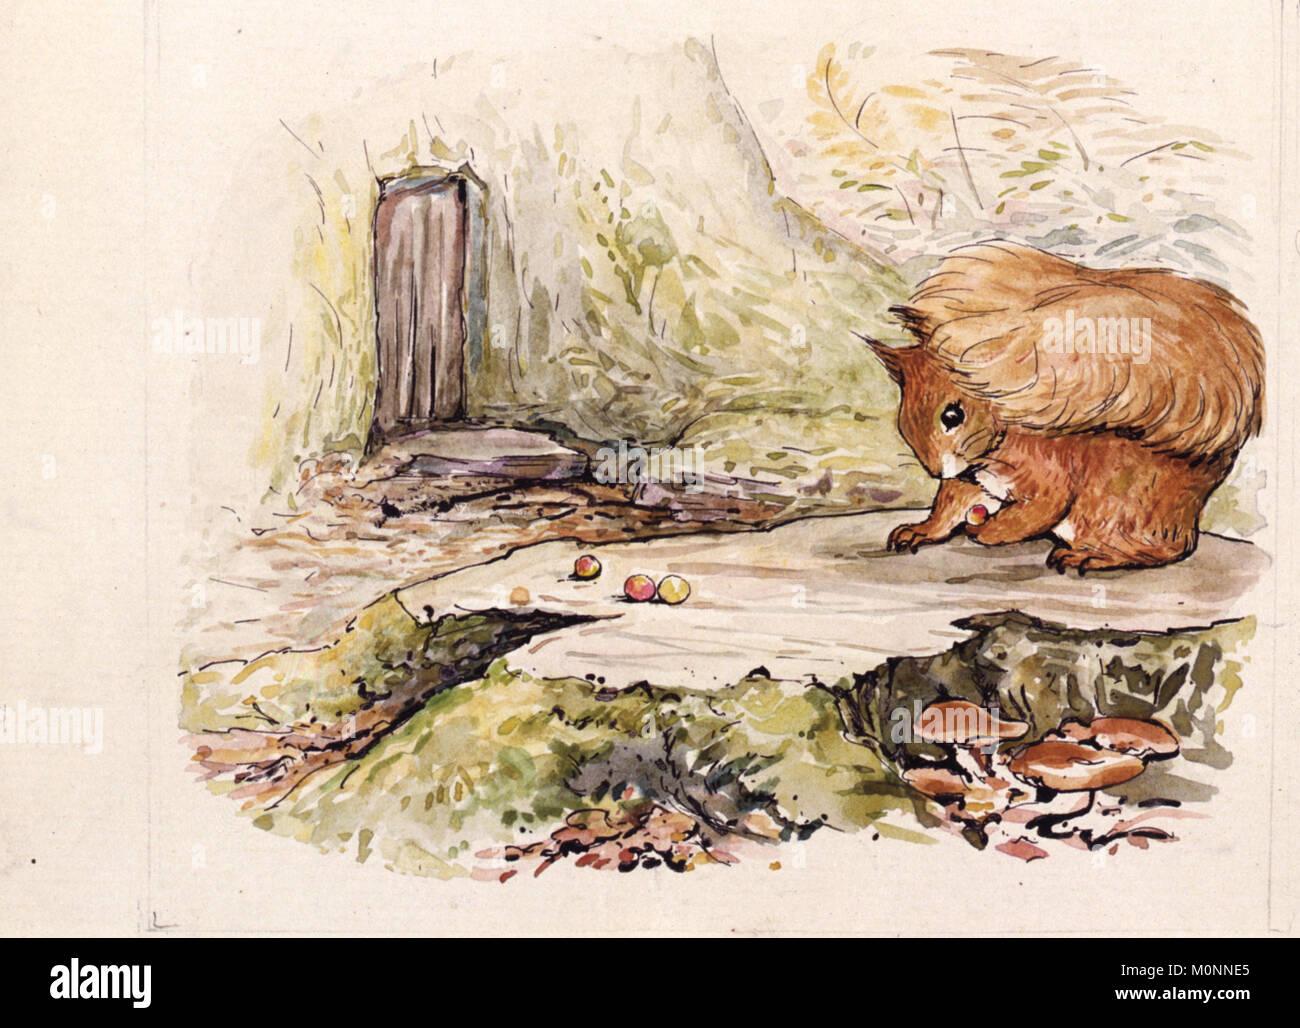 Vintage Beatrix Potter illustration - Stock Image